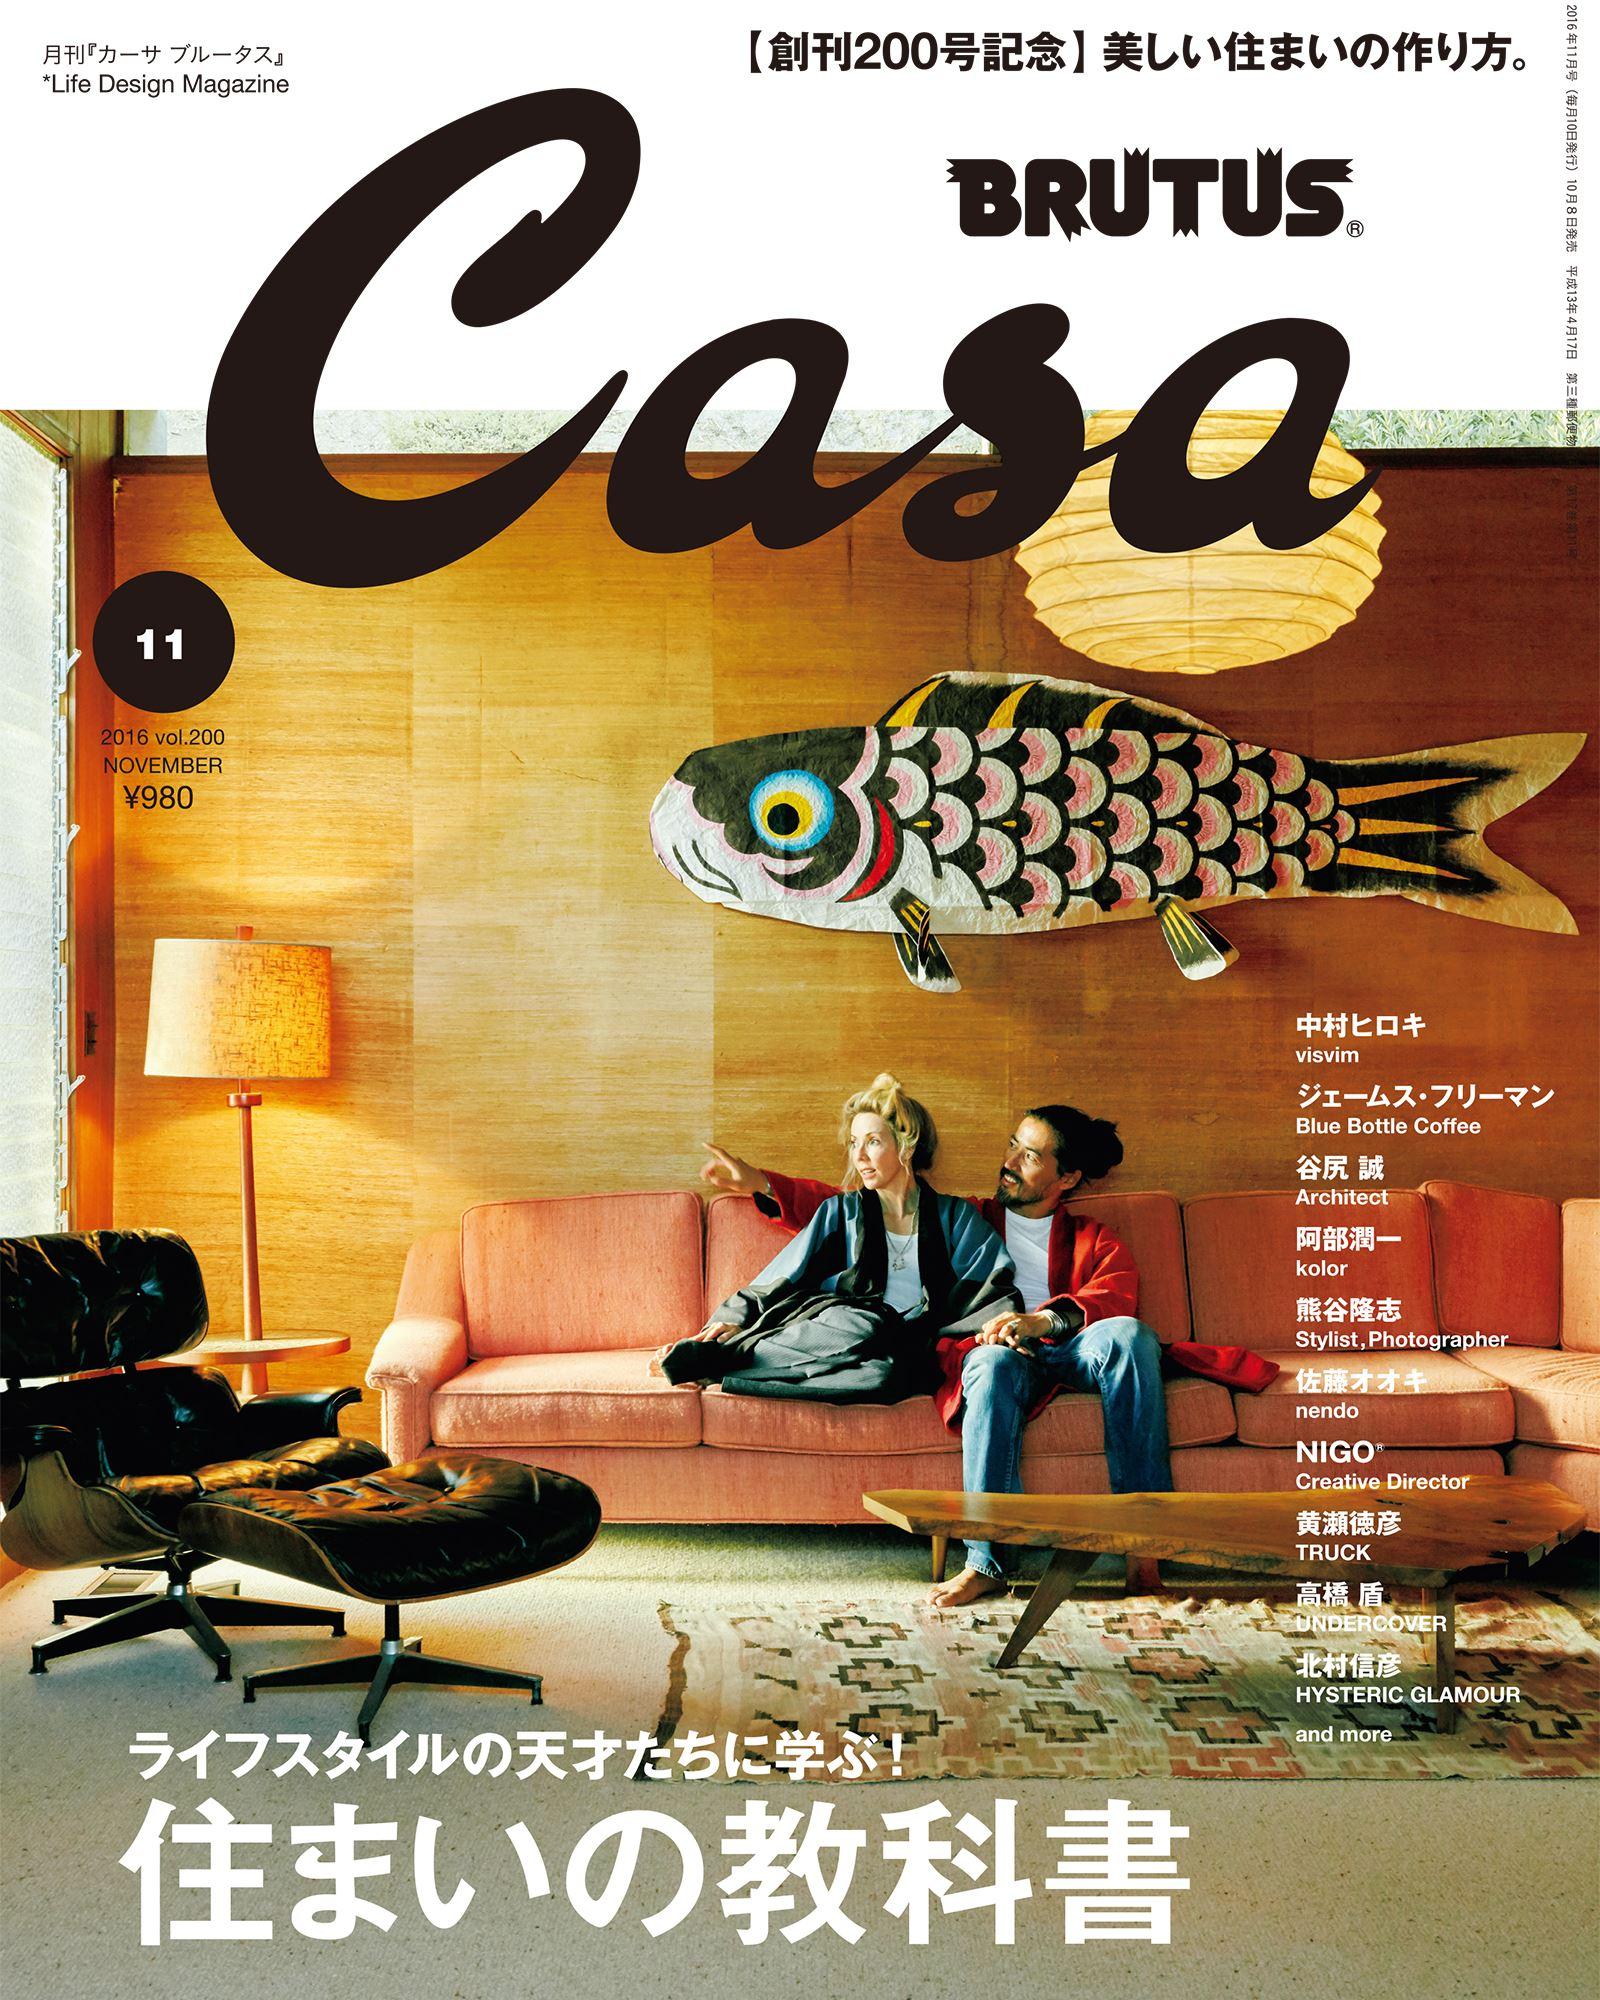 Casa BRUTUS No.201611